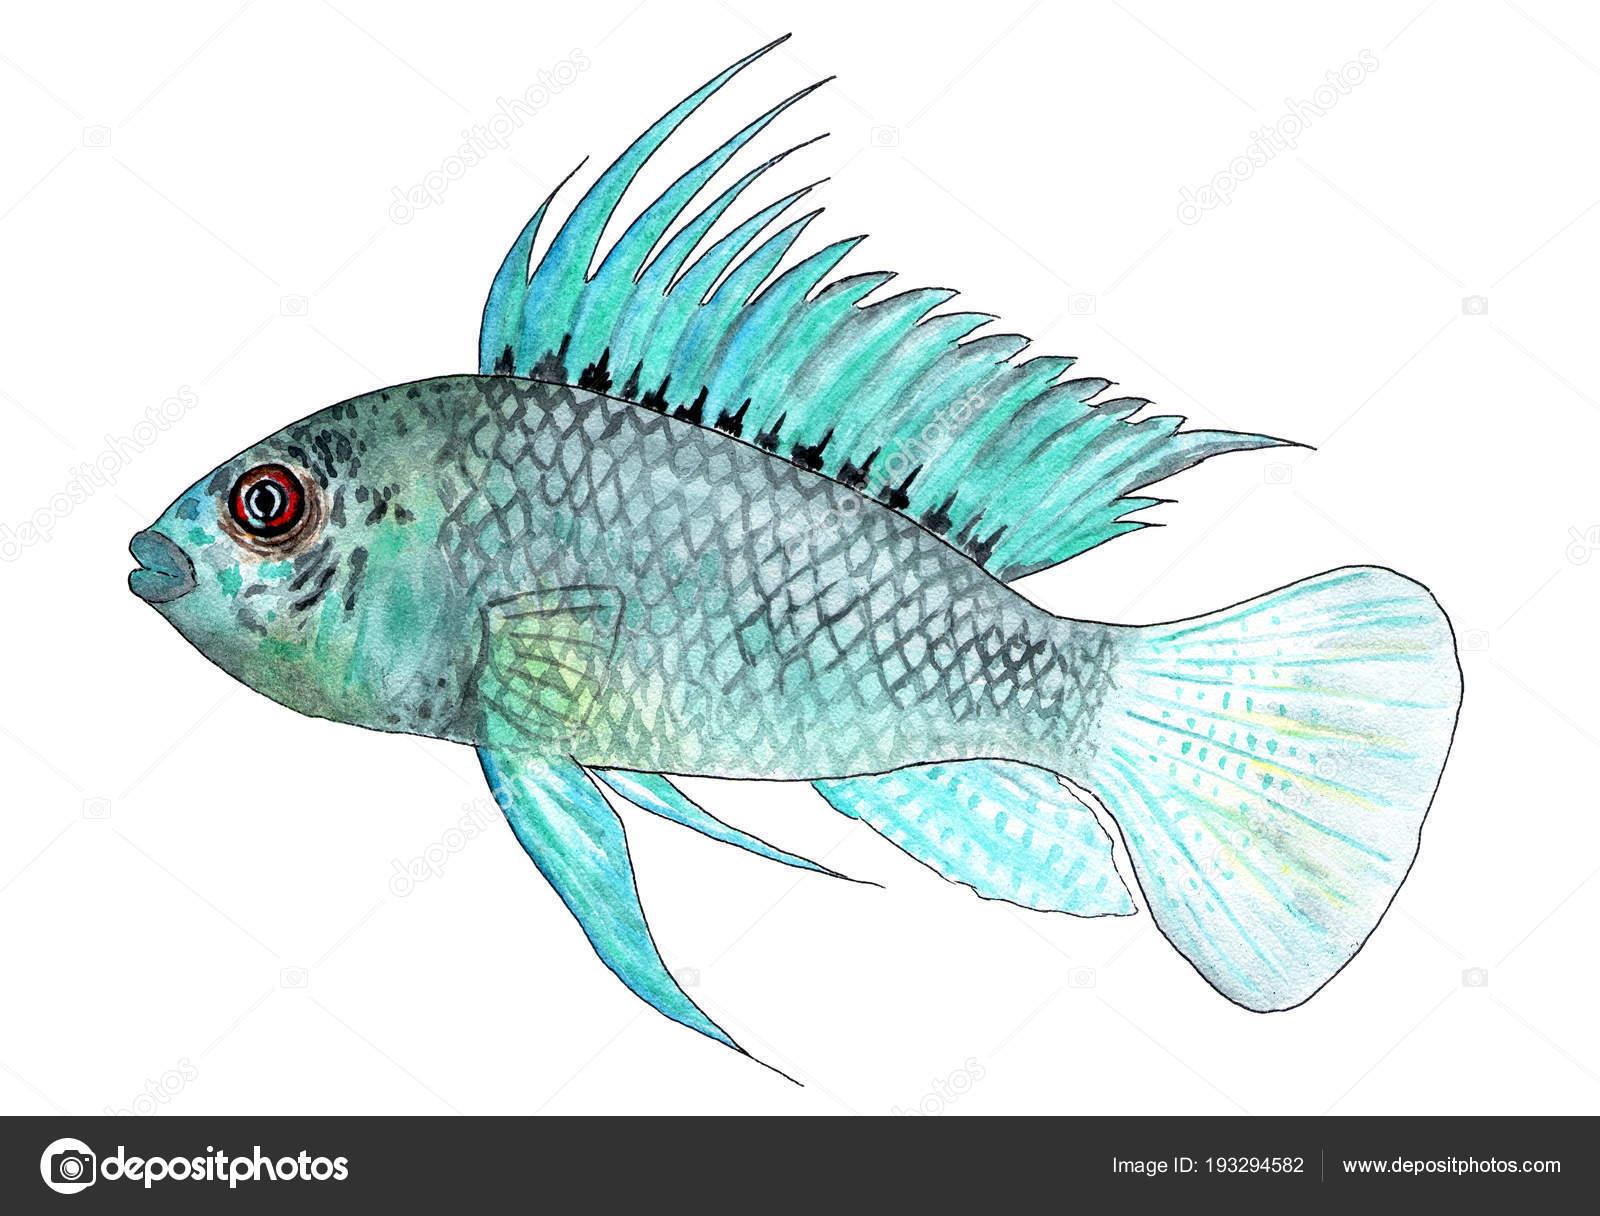 Apistogramma Arua Aquarium Tropical Fish Watercolor Illustration